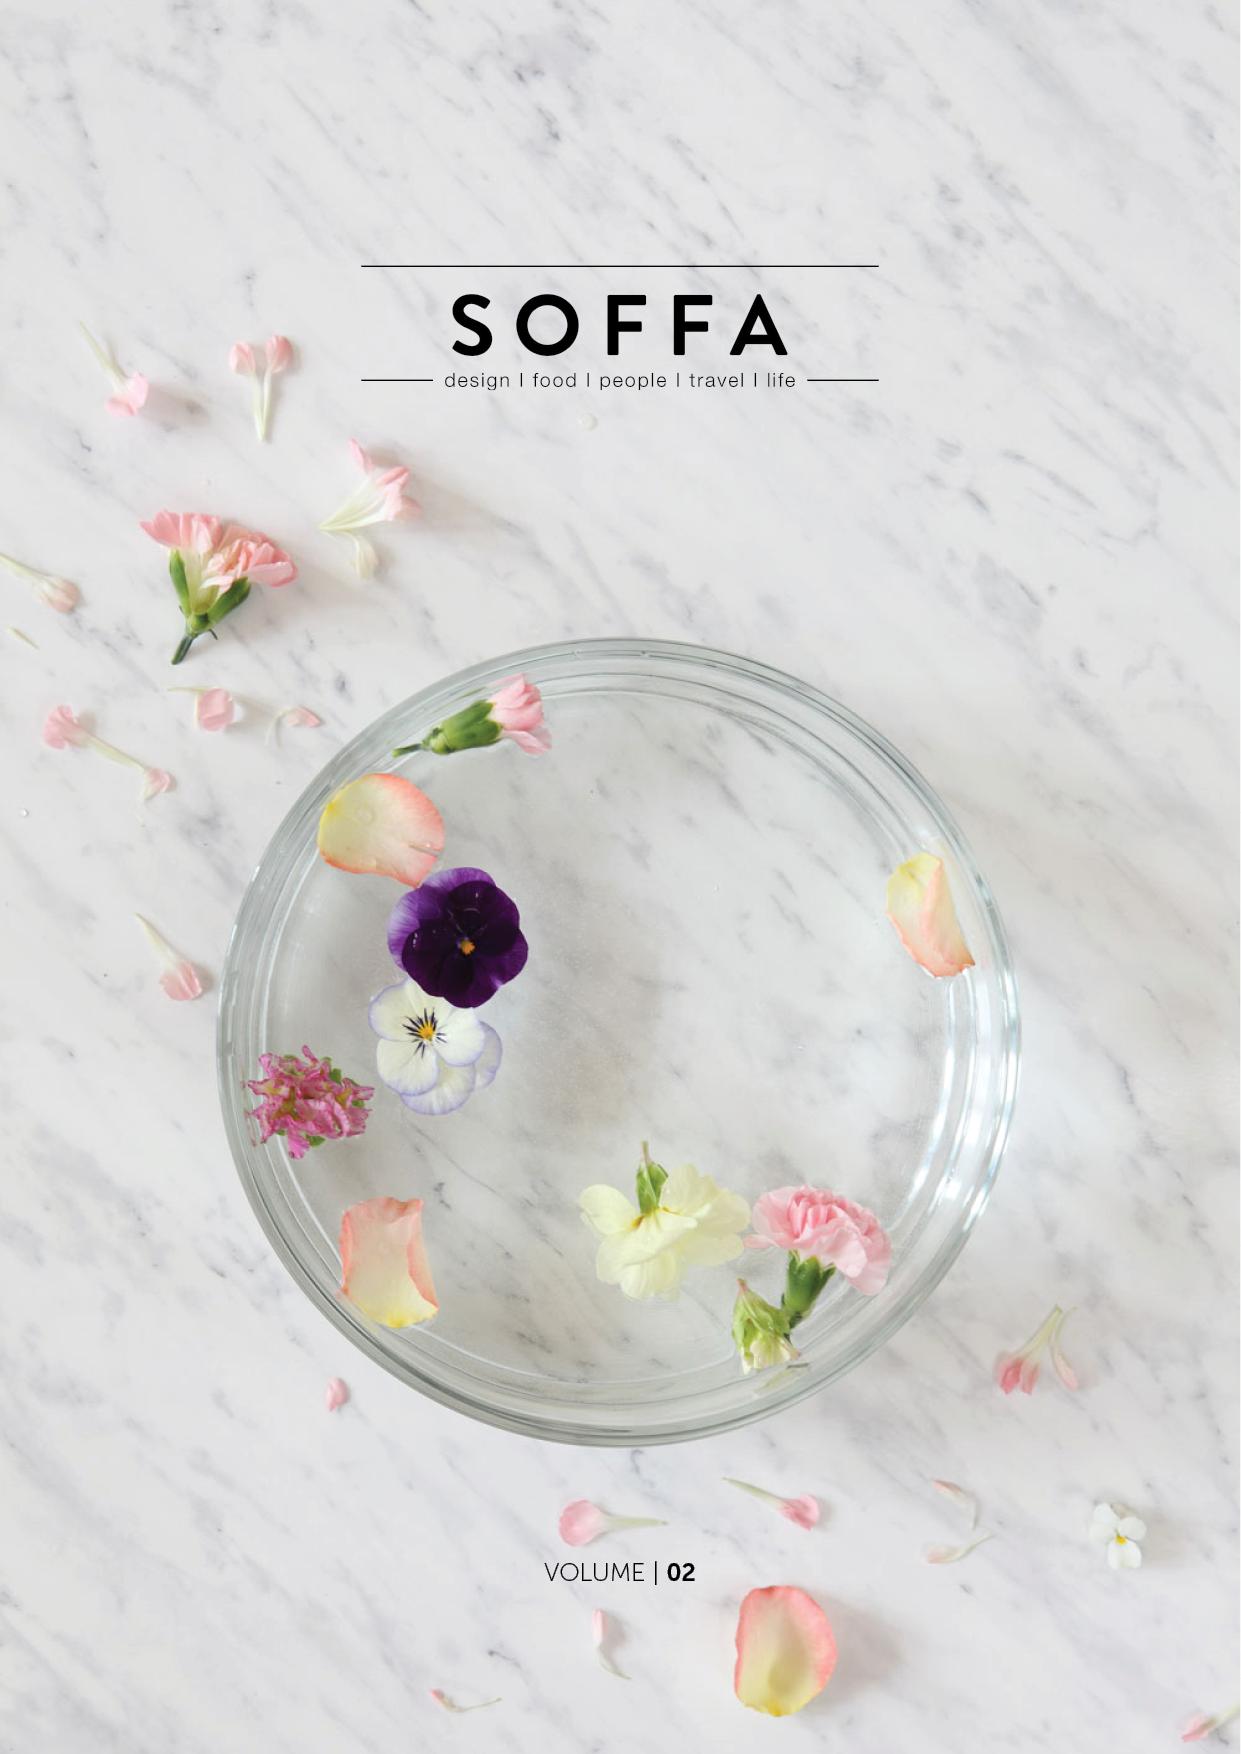 Spring issue of Soffa magazine. • via baraperglova.com